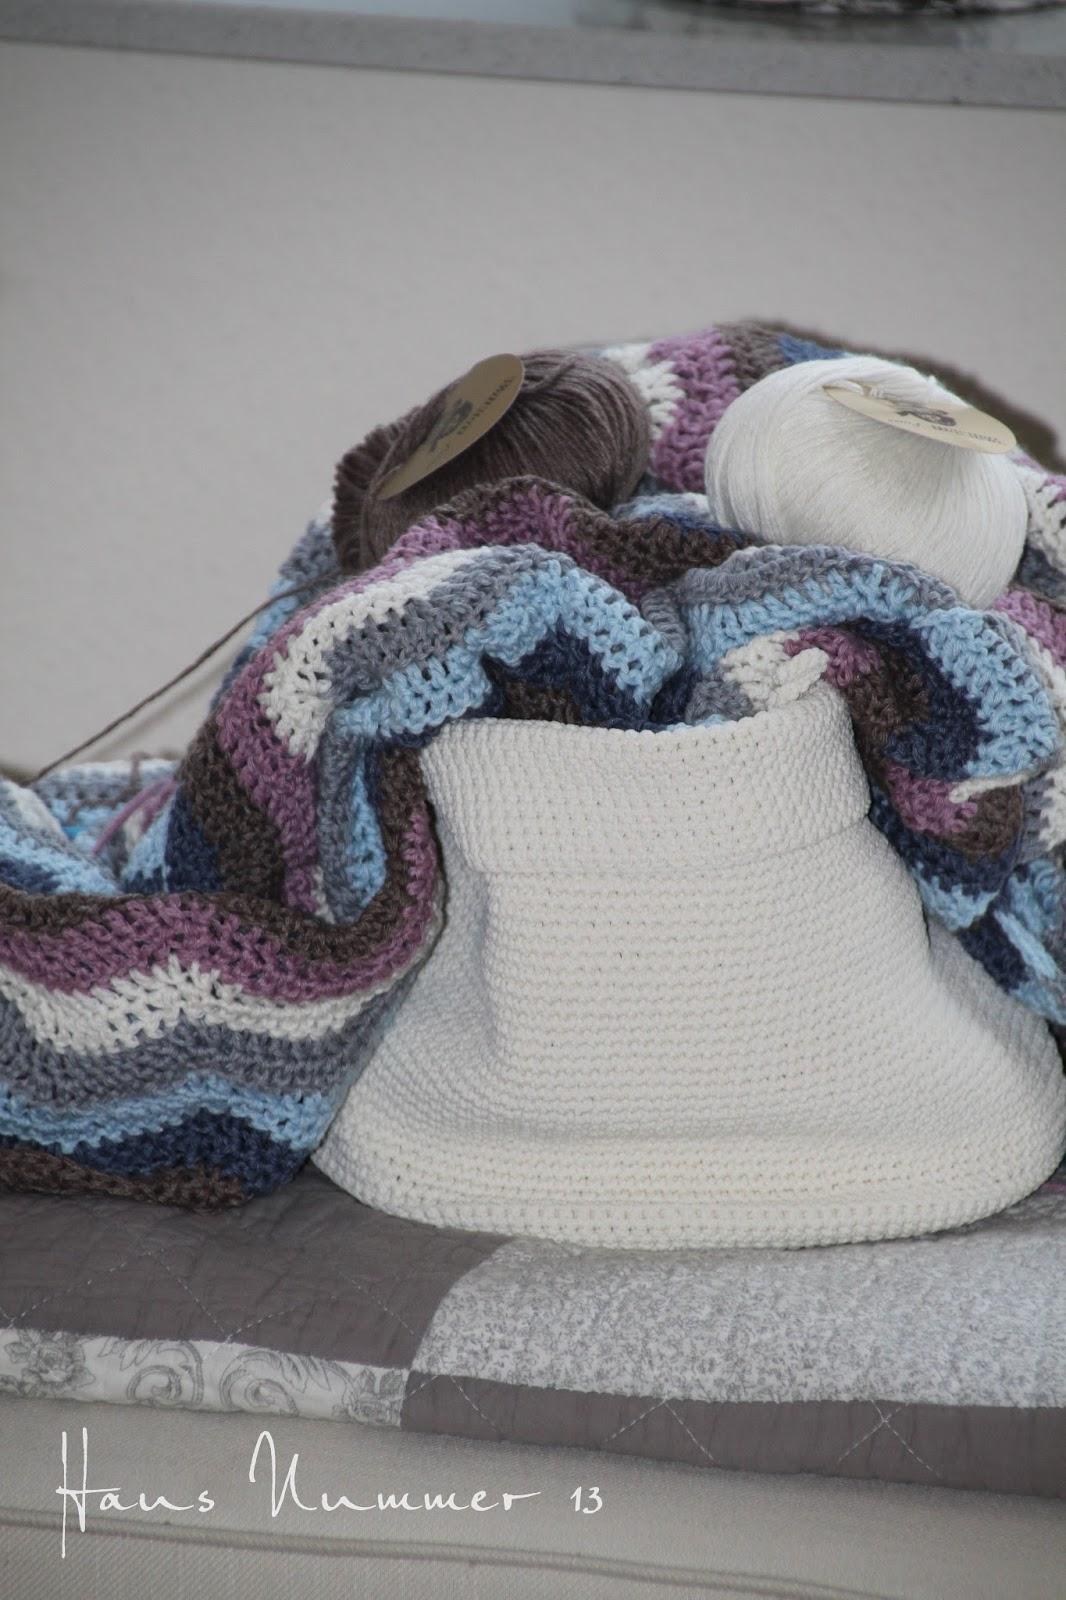 Crochet Love - mein Ripple Blanket - Haus Nummer 13